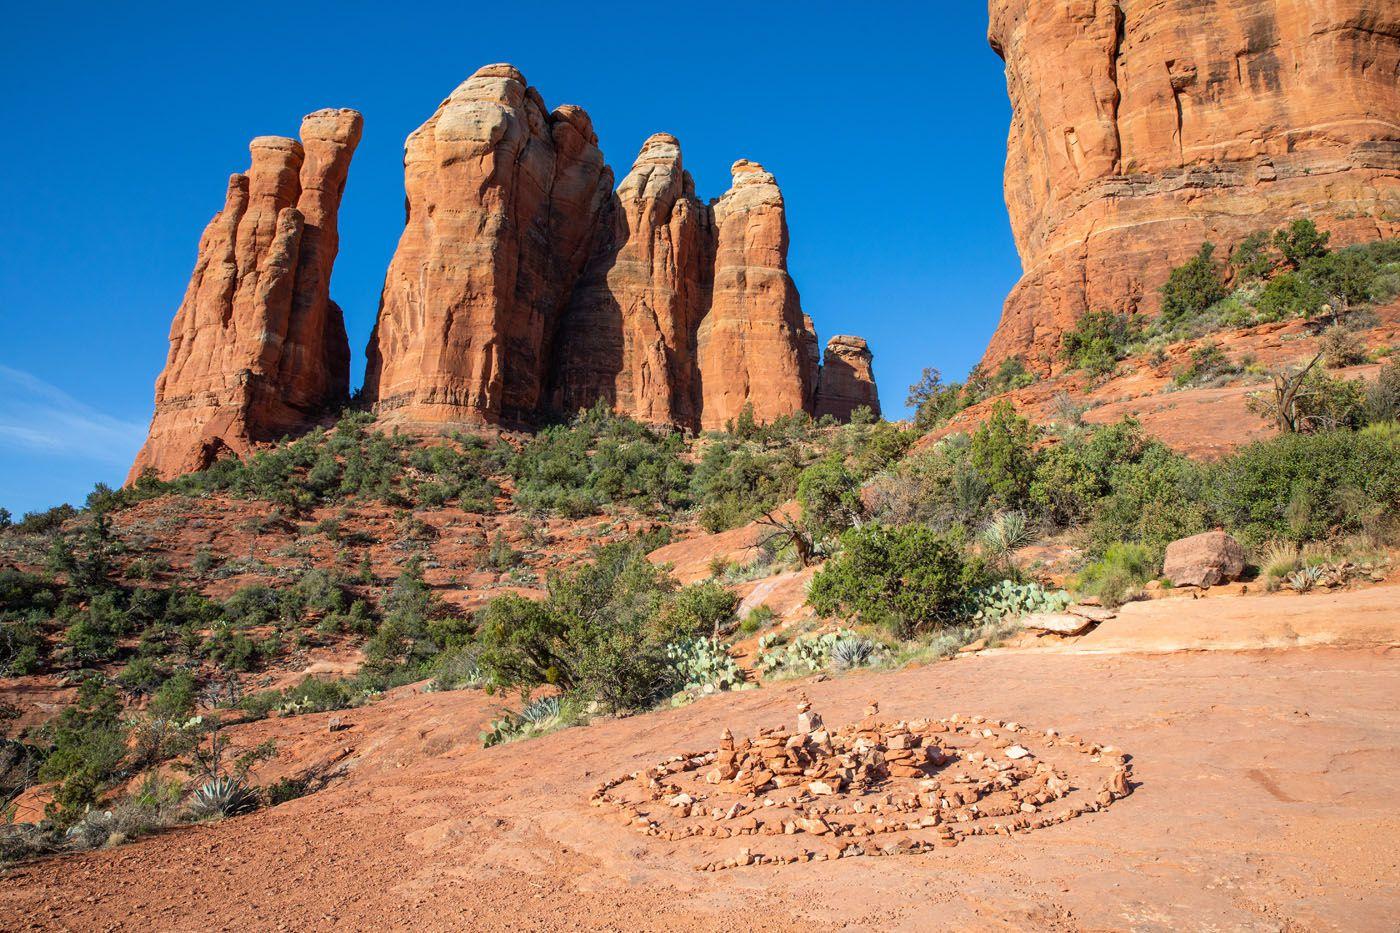 Cathedral Rock Vortex